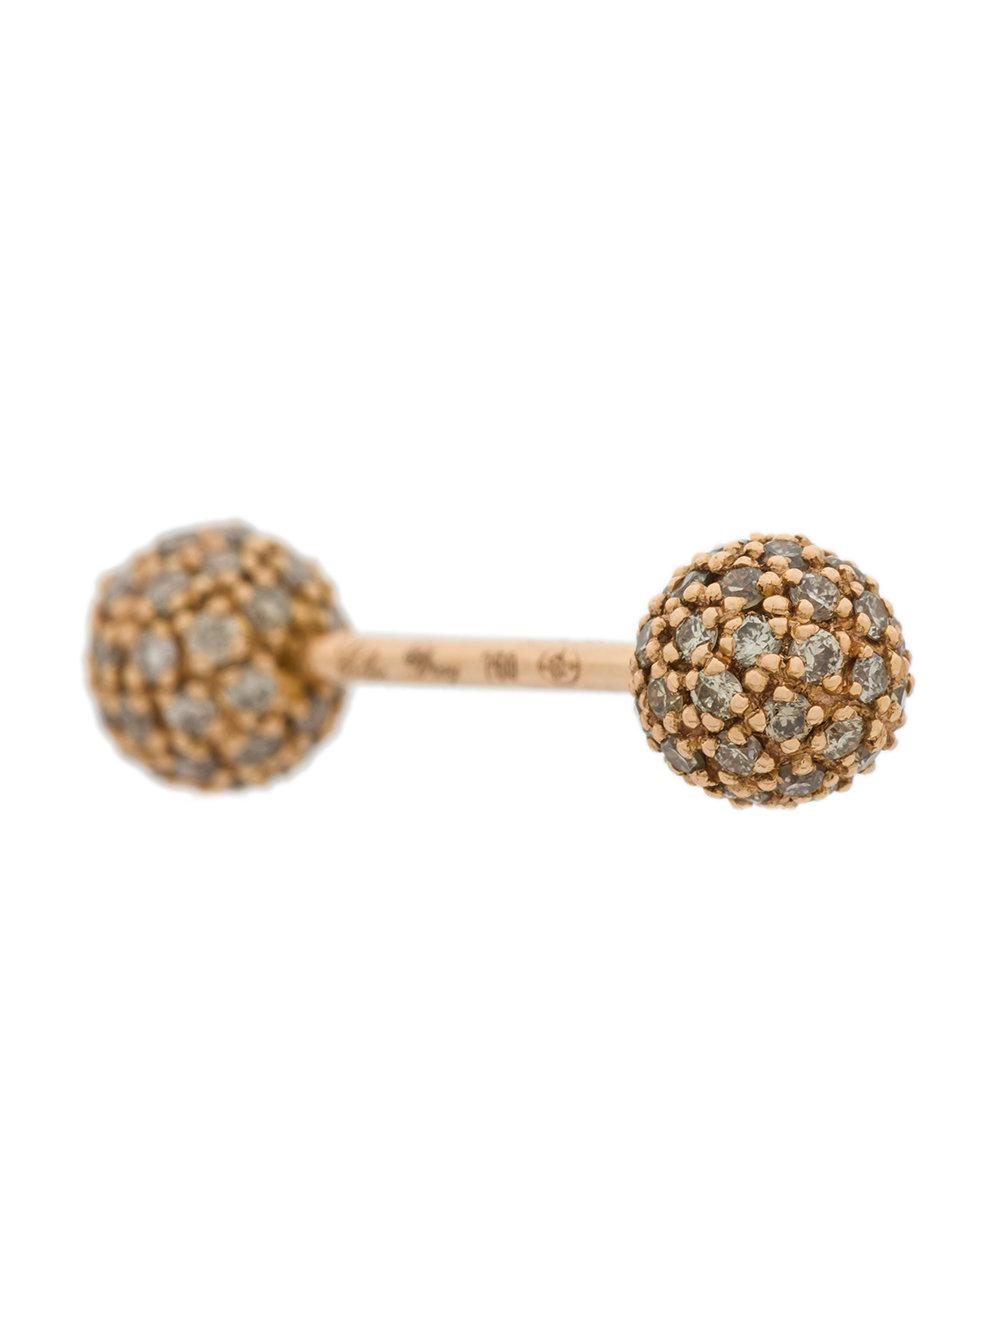 Elise Dray embellished bar stud earring - Metallic pcwIn